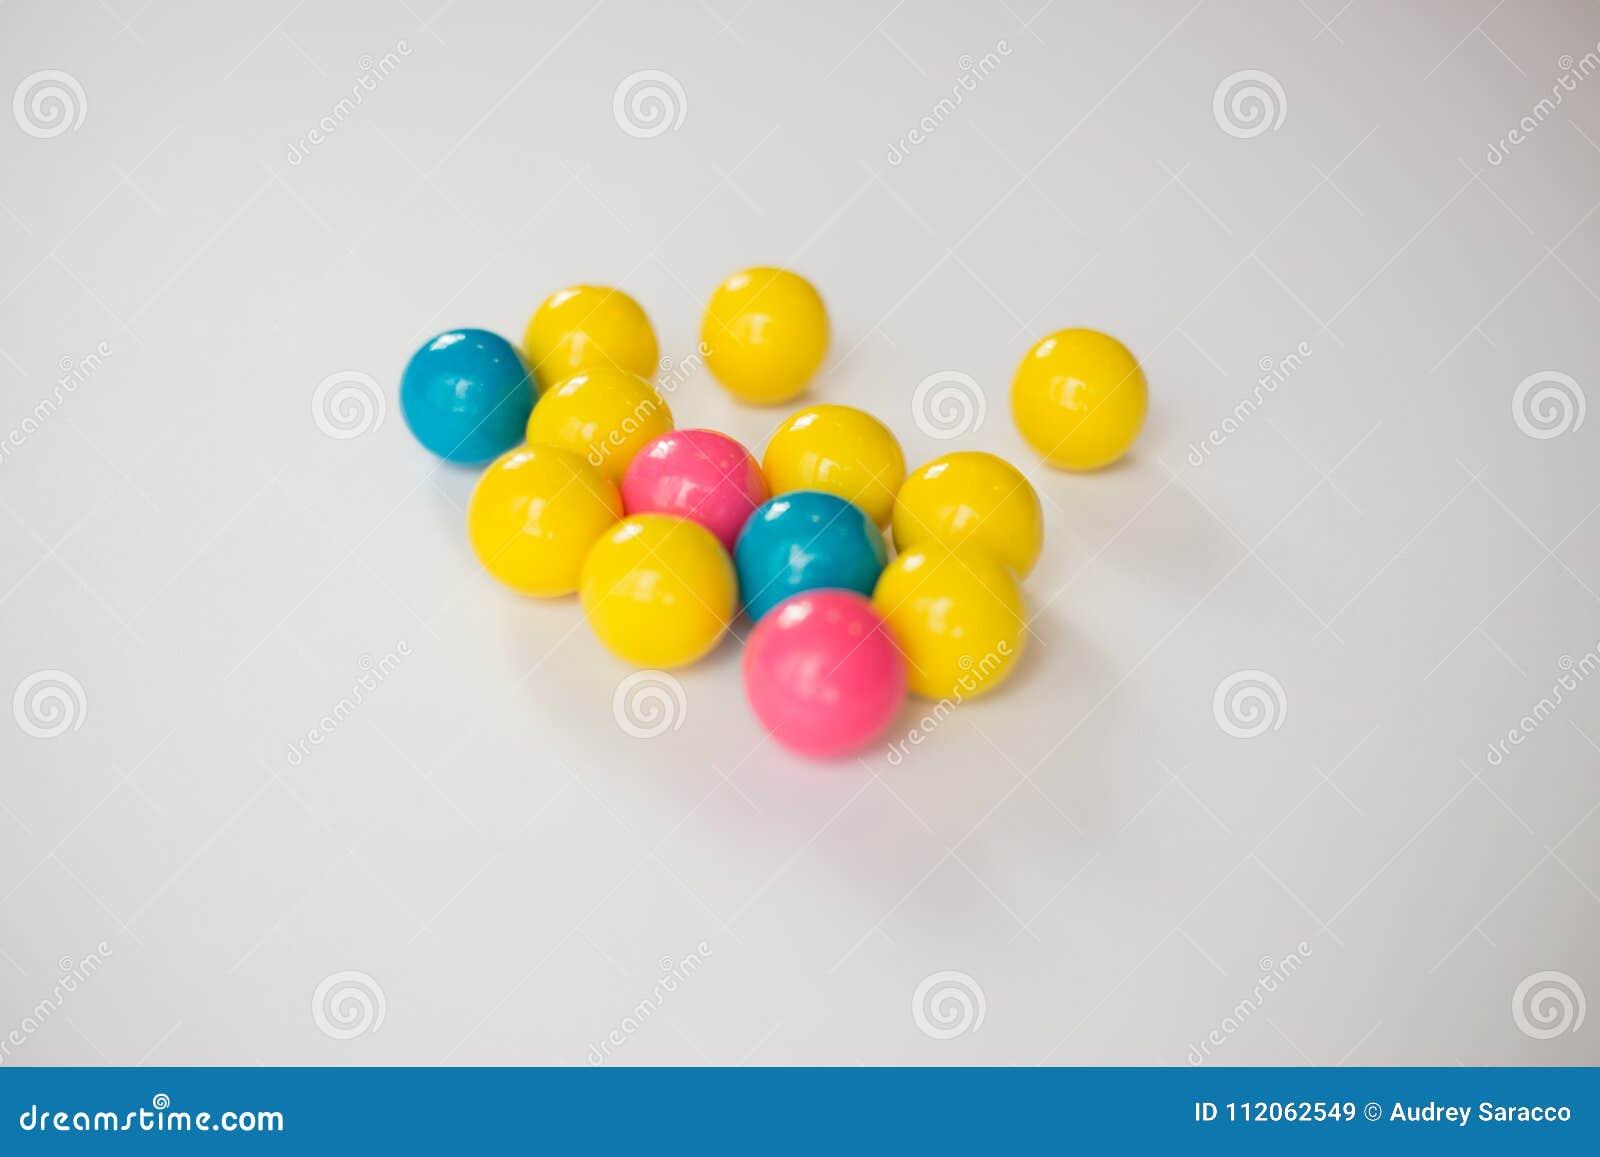 Gumballs coloridos em um fundo branco